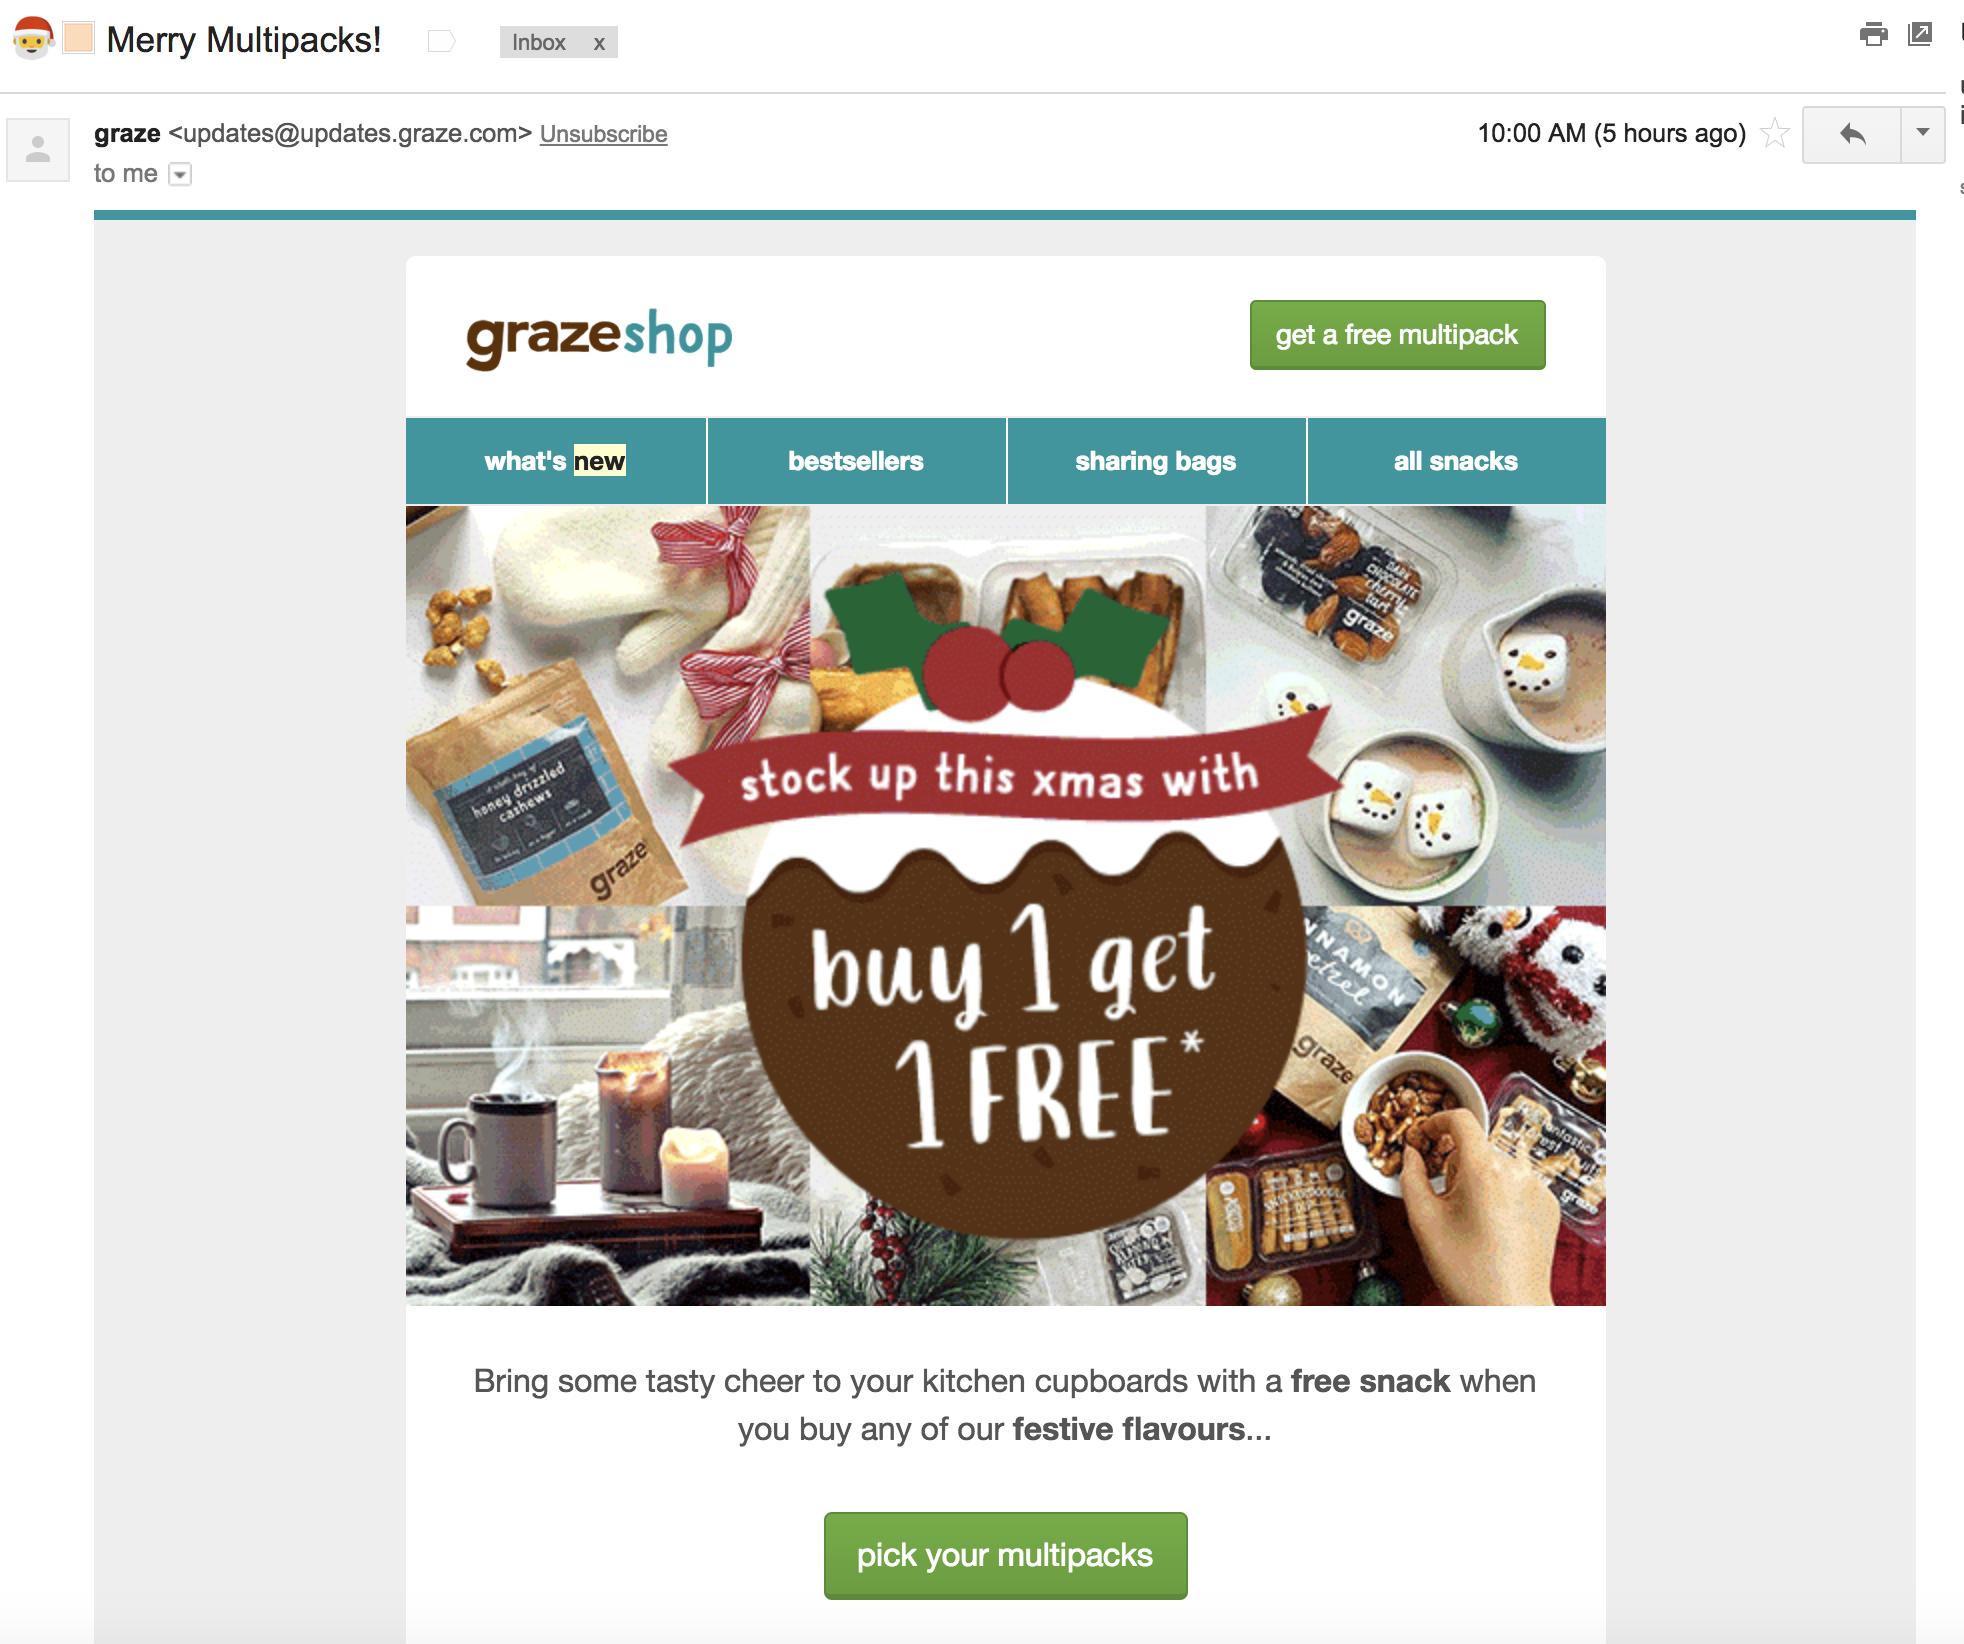 Screenshot showing an email by grazeshop